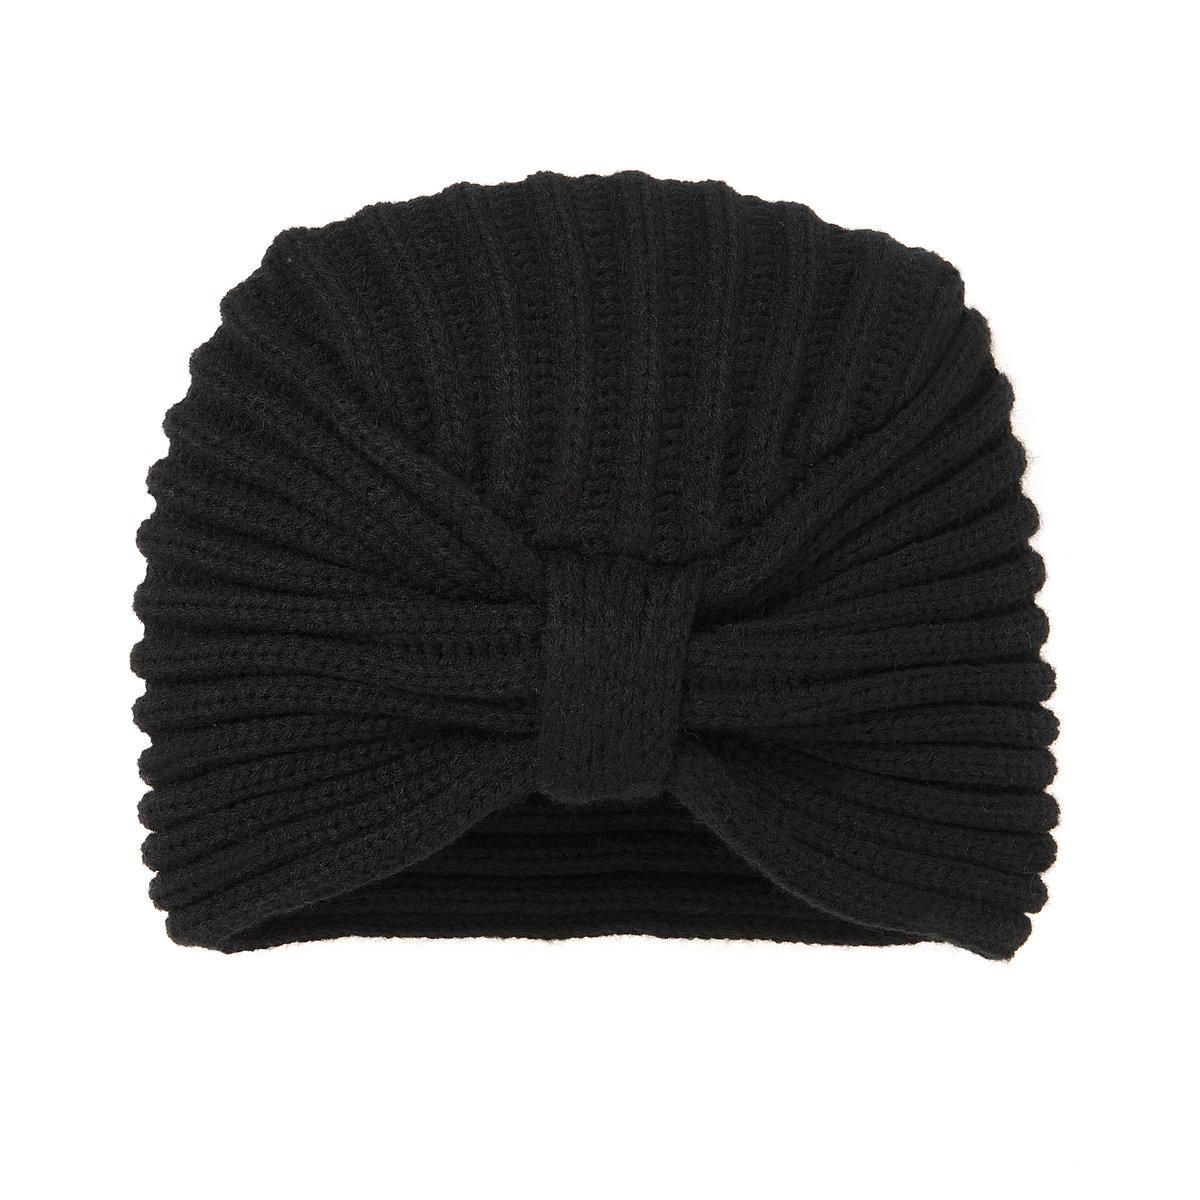 Шапка трикотажнаяШапка трикотажная MADEMOISELLE R. Материал : трикотаж, 100% акрила. Размер: 23 x 20 см. Преимущества: стильная шапка от MADEMOISELLE R - то, чего не хватает в Вашем гардеробе в будущем сезоне.<br><br>Цвет: черный<br>Размер: единый размер